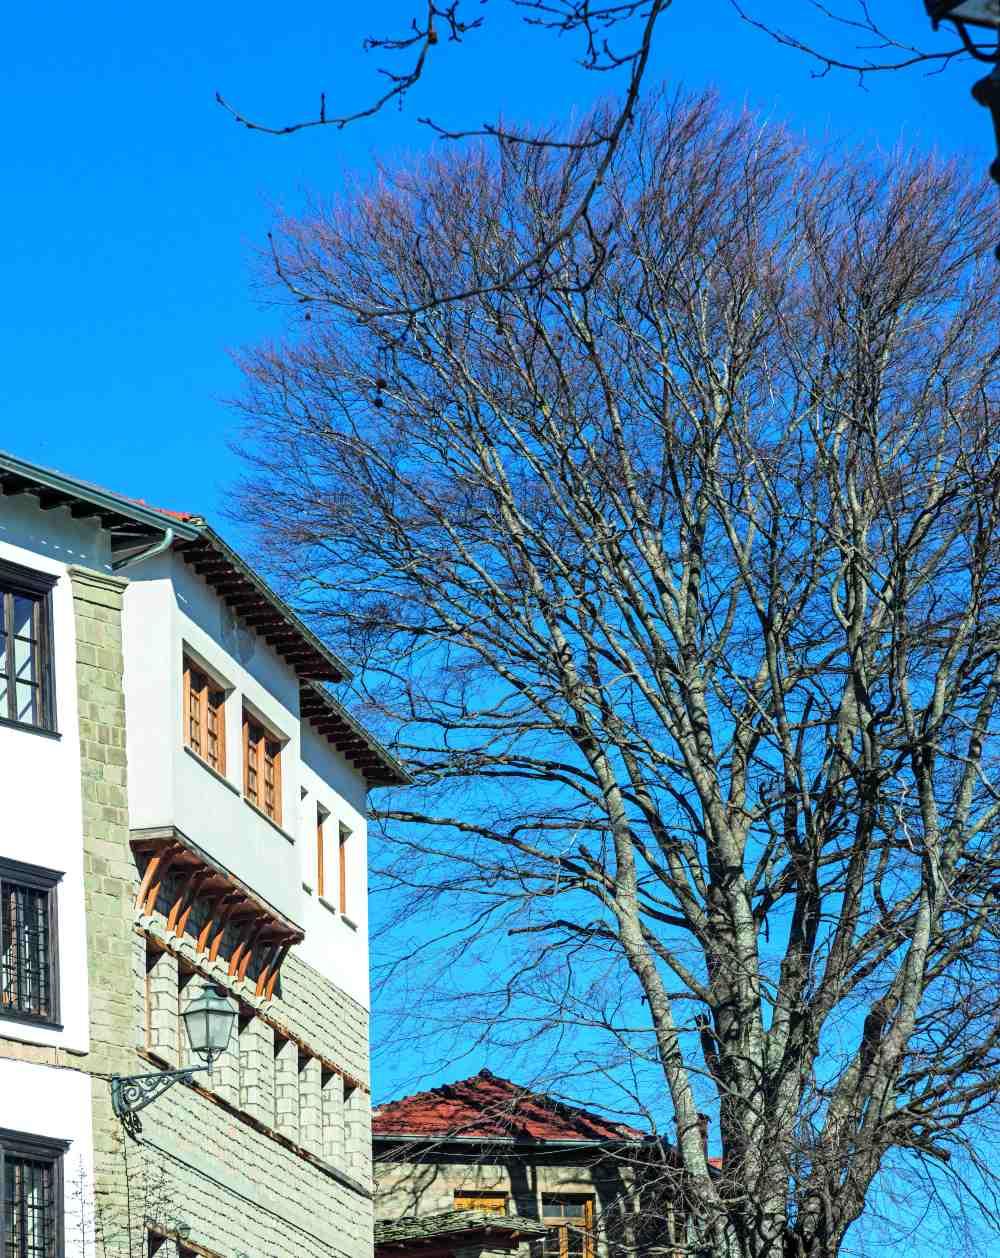 Χαρακτηριστική αρχιτεκτονική στα πέτρινα κτήρια του Μετσόβου